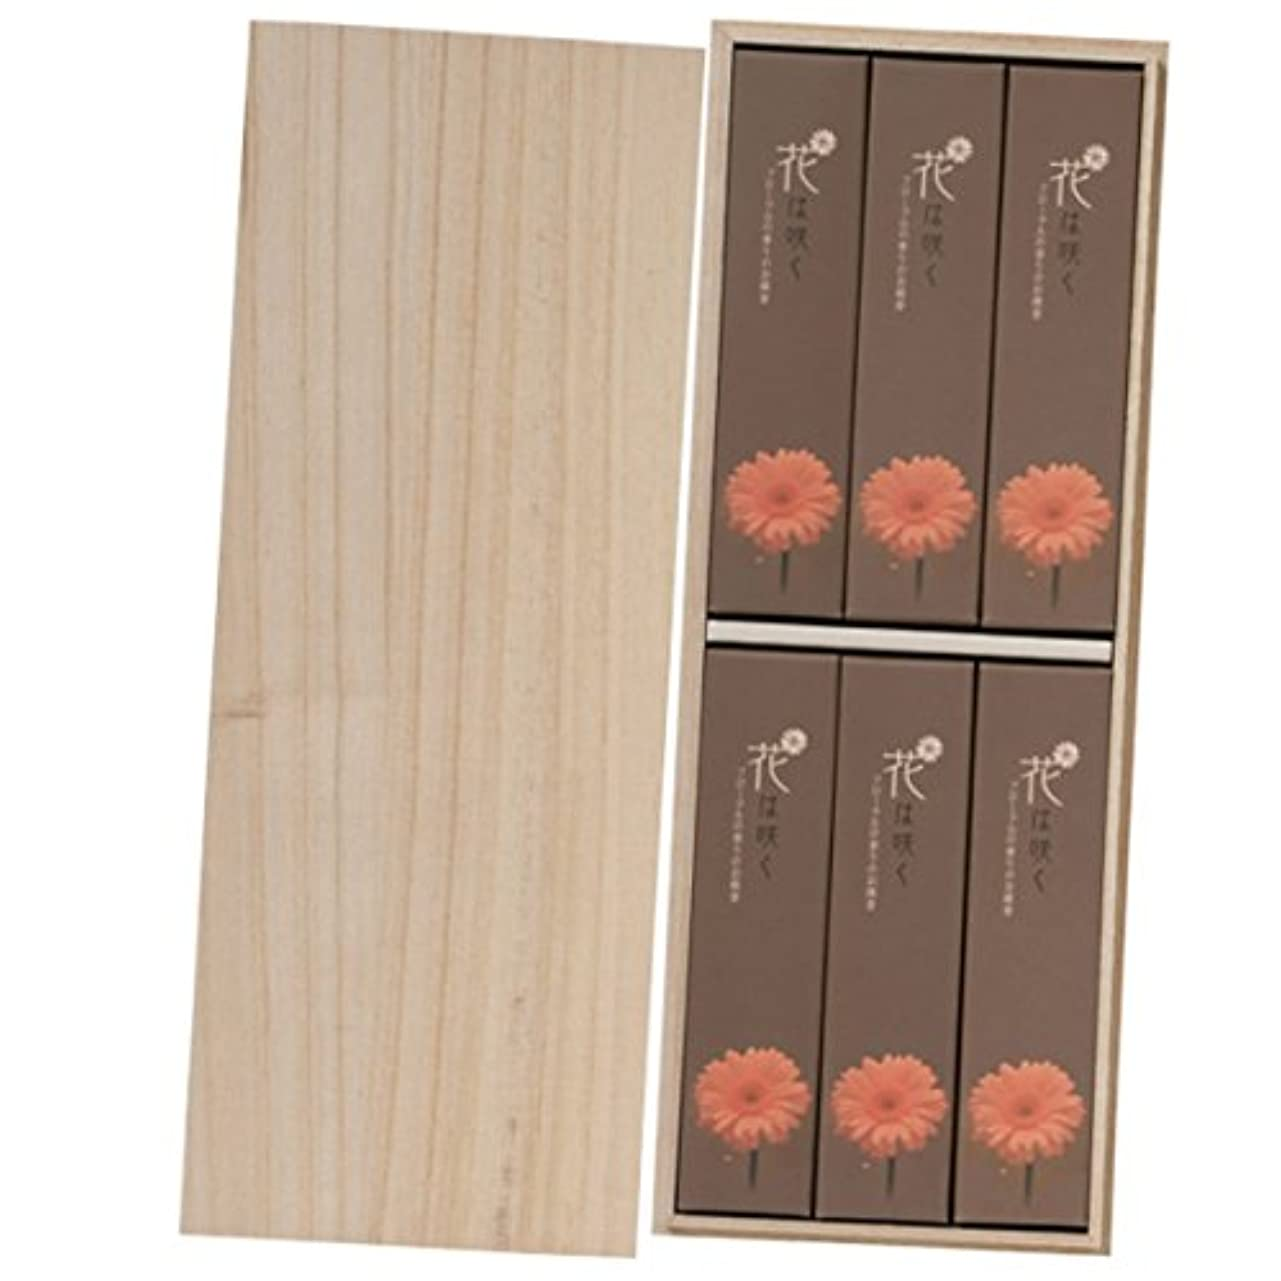 上陸ラップトップシェルター花は咲く(進物用桐箱入) 約30g×6箱